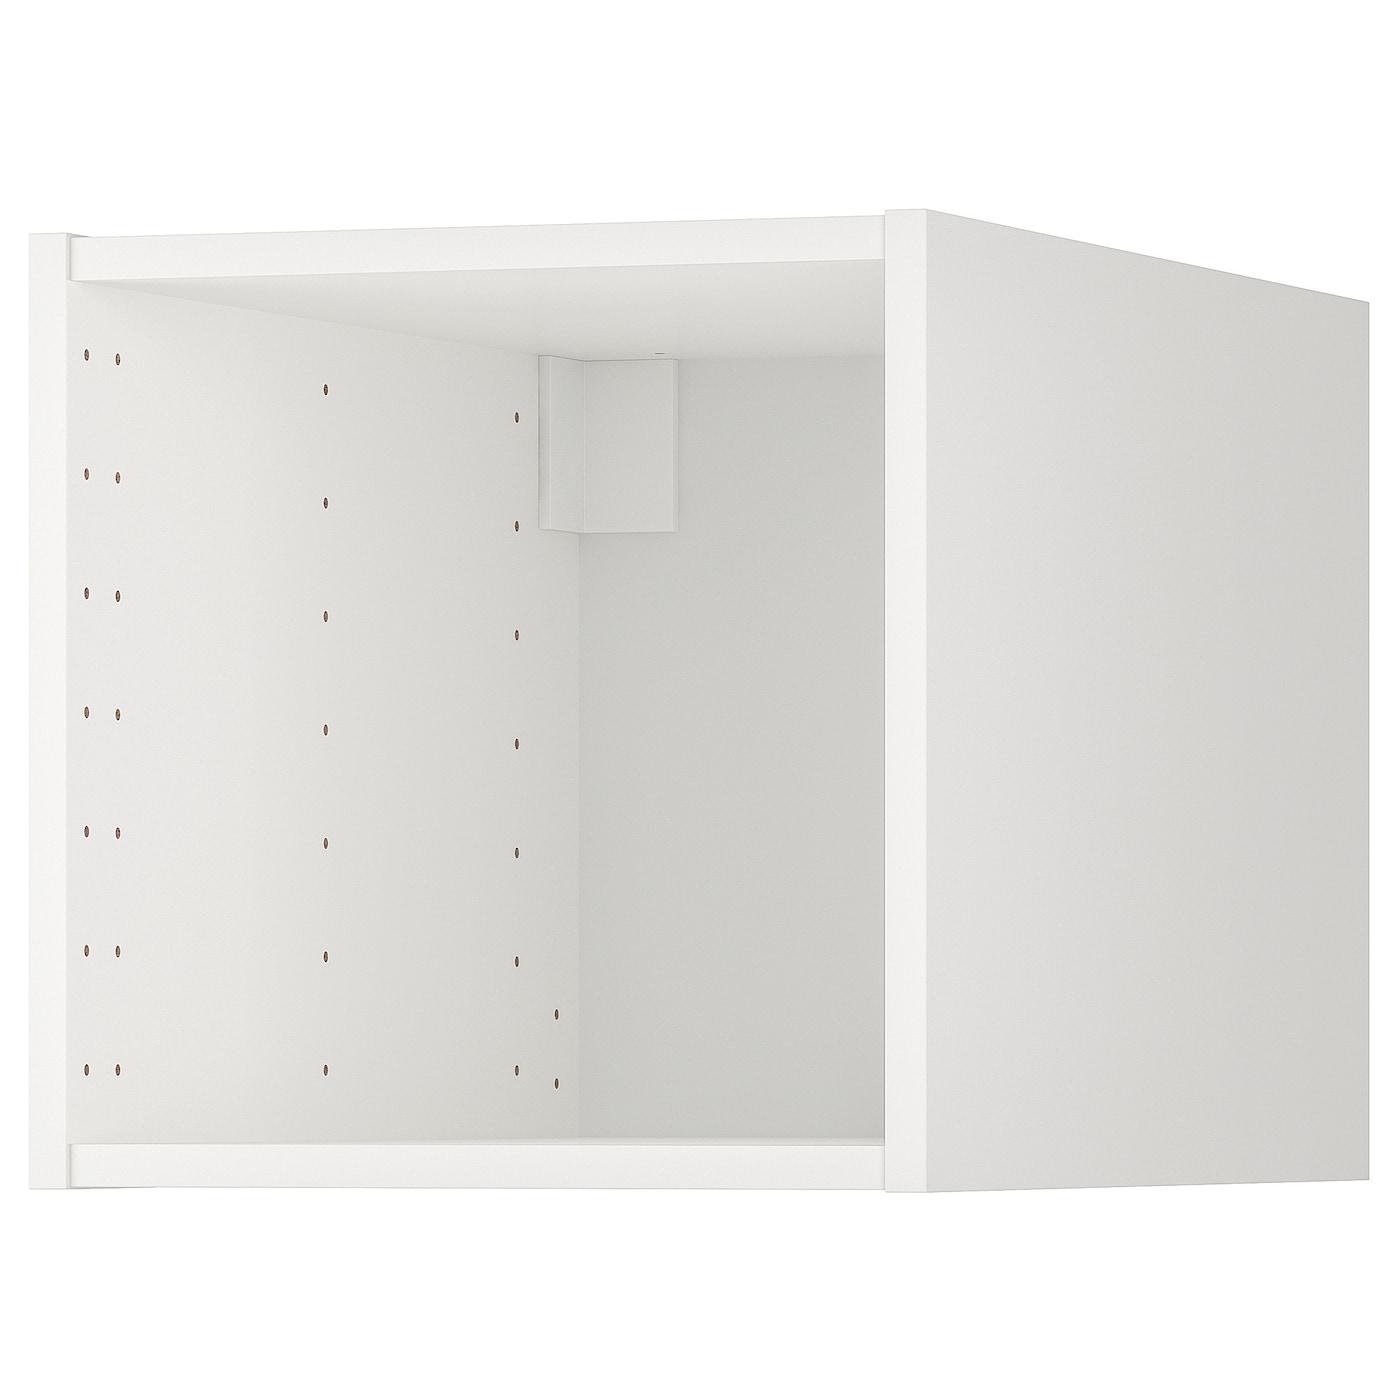 Full Size of Badezimmer Hängeschrank Küche Höhe Betten Ikea 160x200 Bad Miniküche Bei Kosten Kaufen Glastüren Weiß Hochglanz Modulküche Sofa Mit Schlaffunktion Wohnzimmer Ikea Hängeschrank